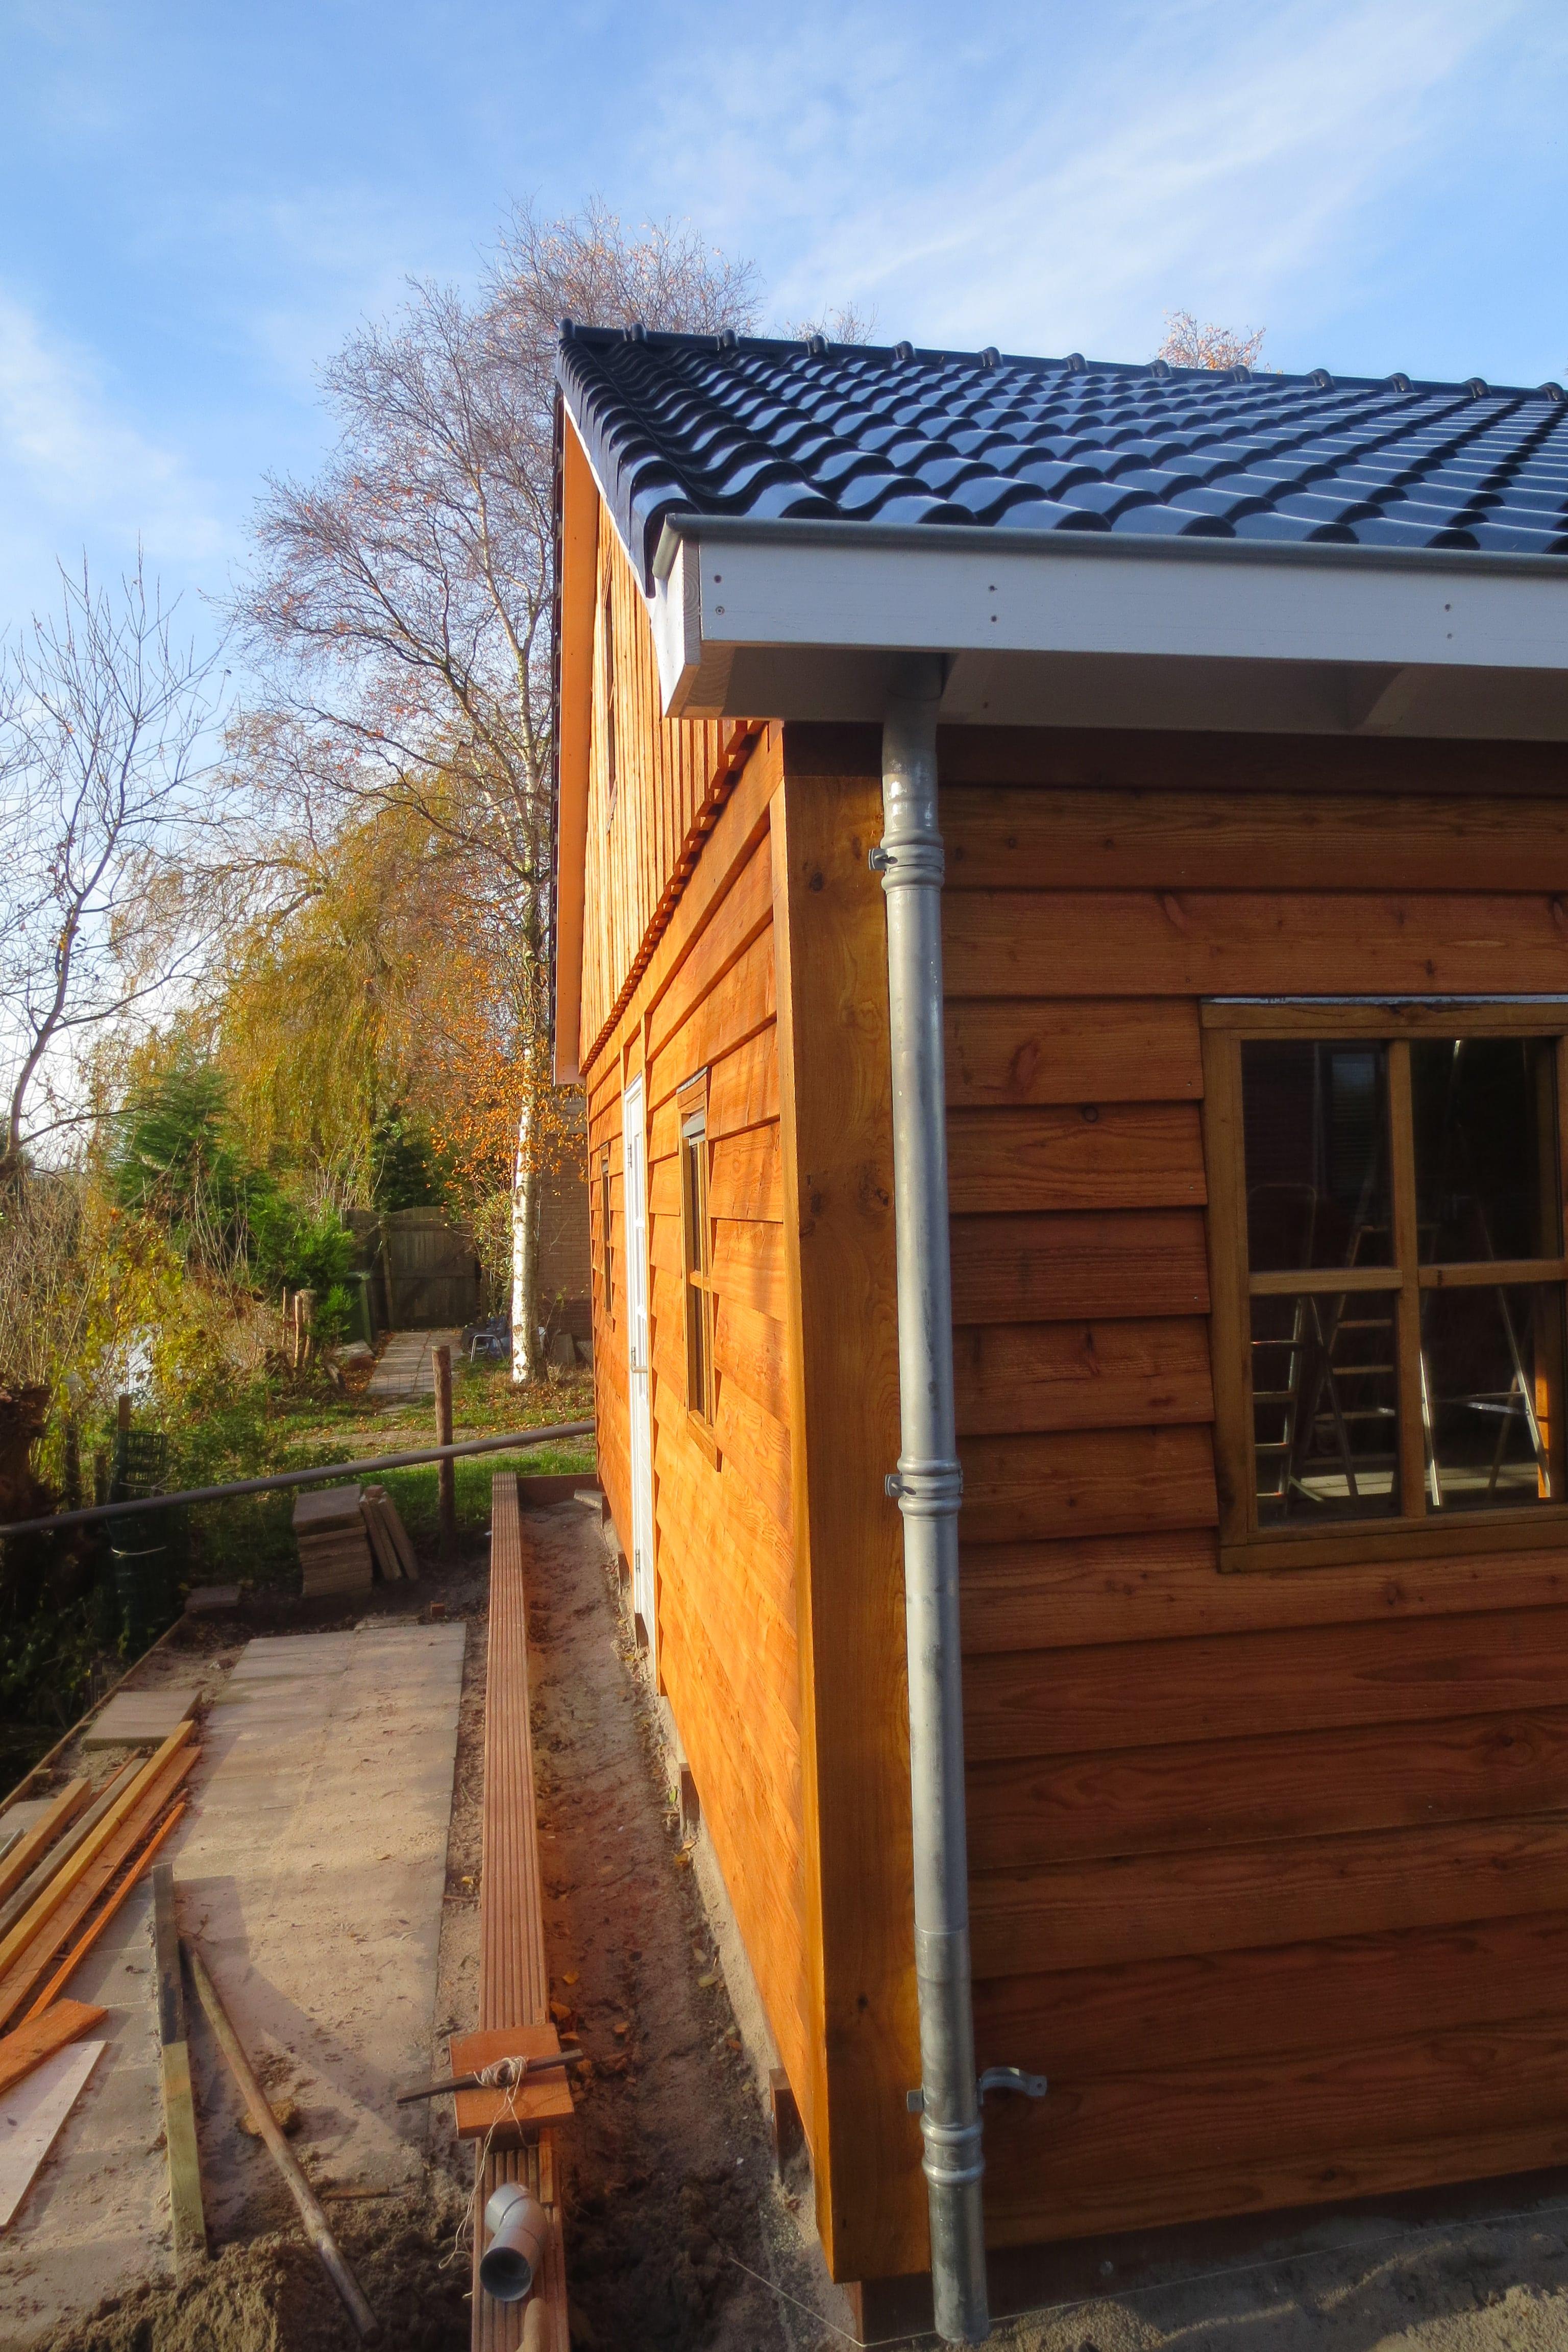 houten-garage-met-carport-7 - Project Enkhuizen: Houten garage met carport